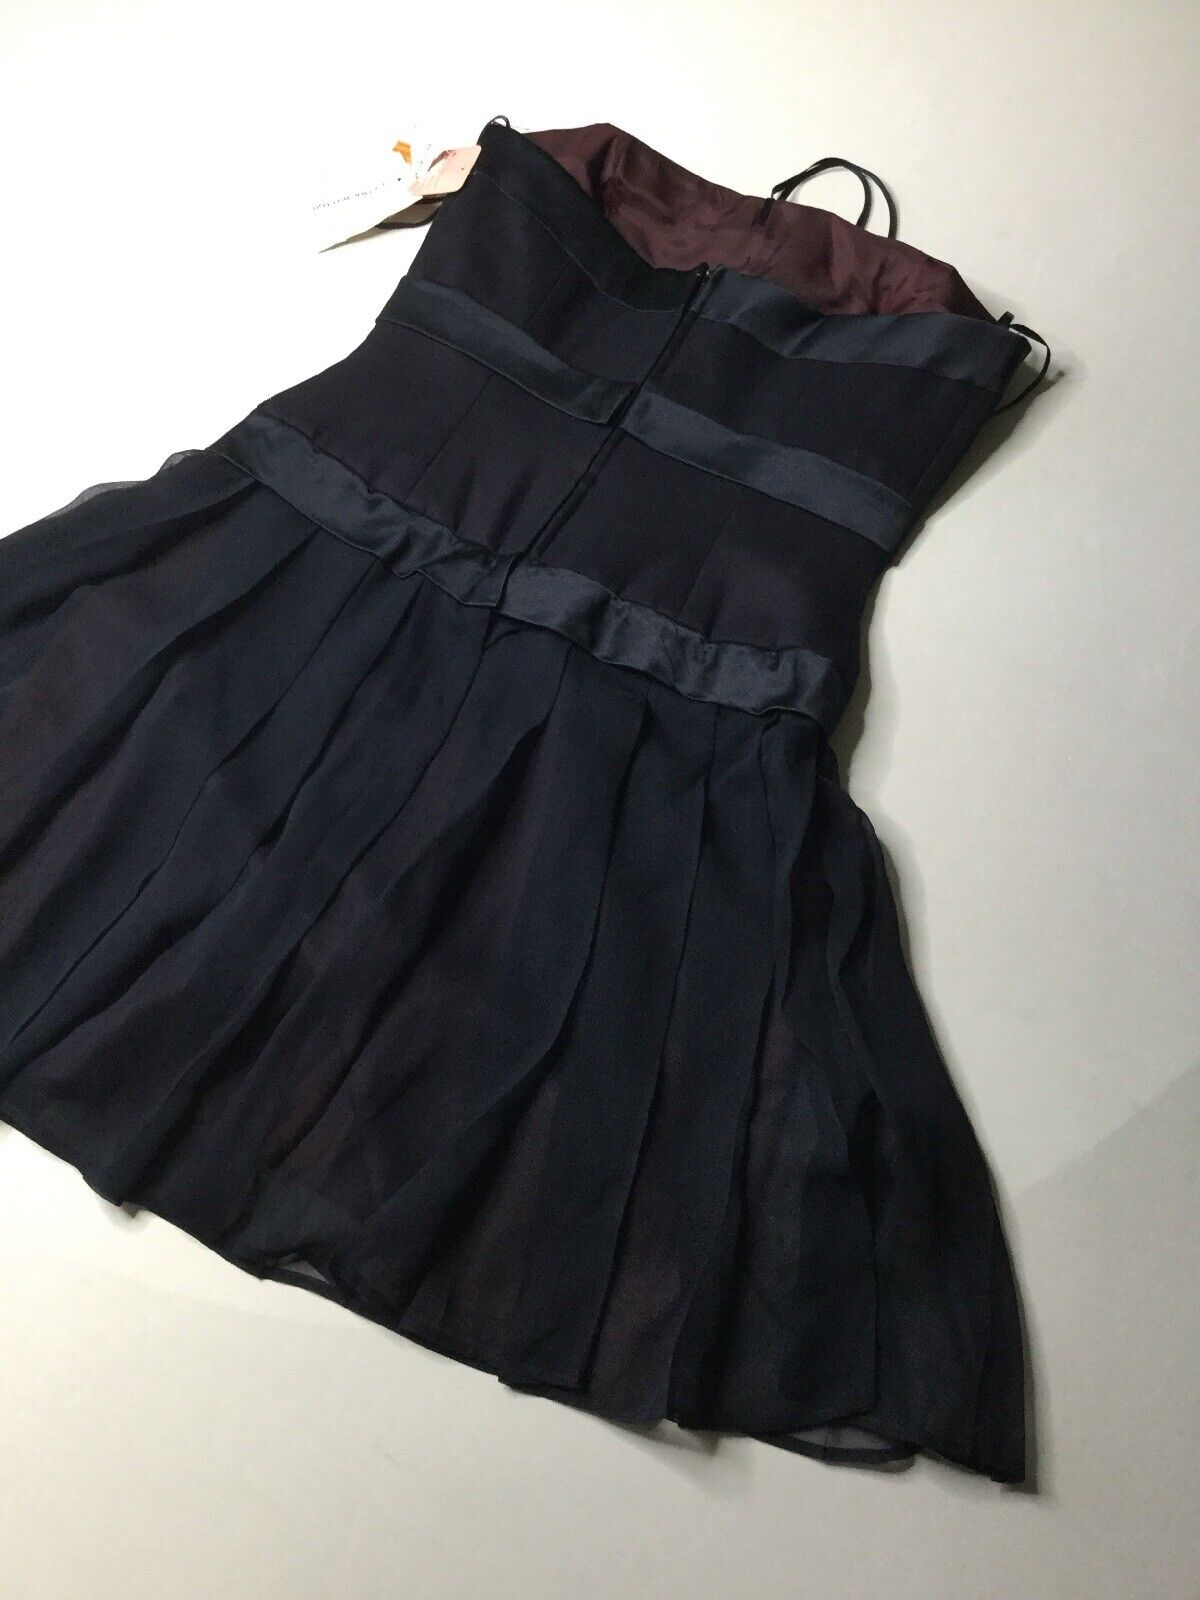 Kathryn Conover Vintage 100% Seda  Vestido Sin Tirantes Talla 8 Azul Marino Nuevo Con Etiquetas  autentico en linea